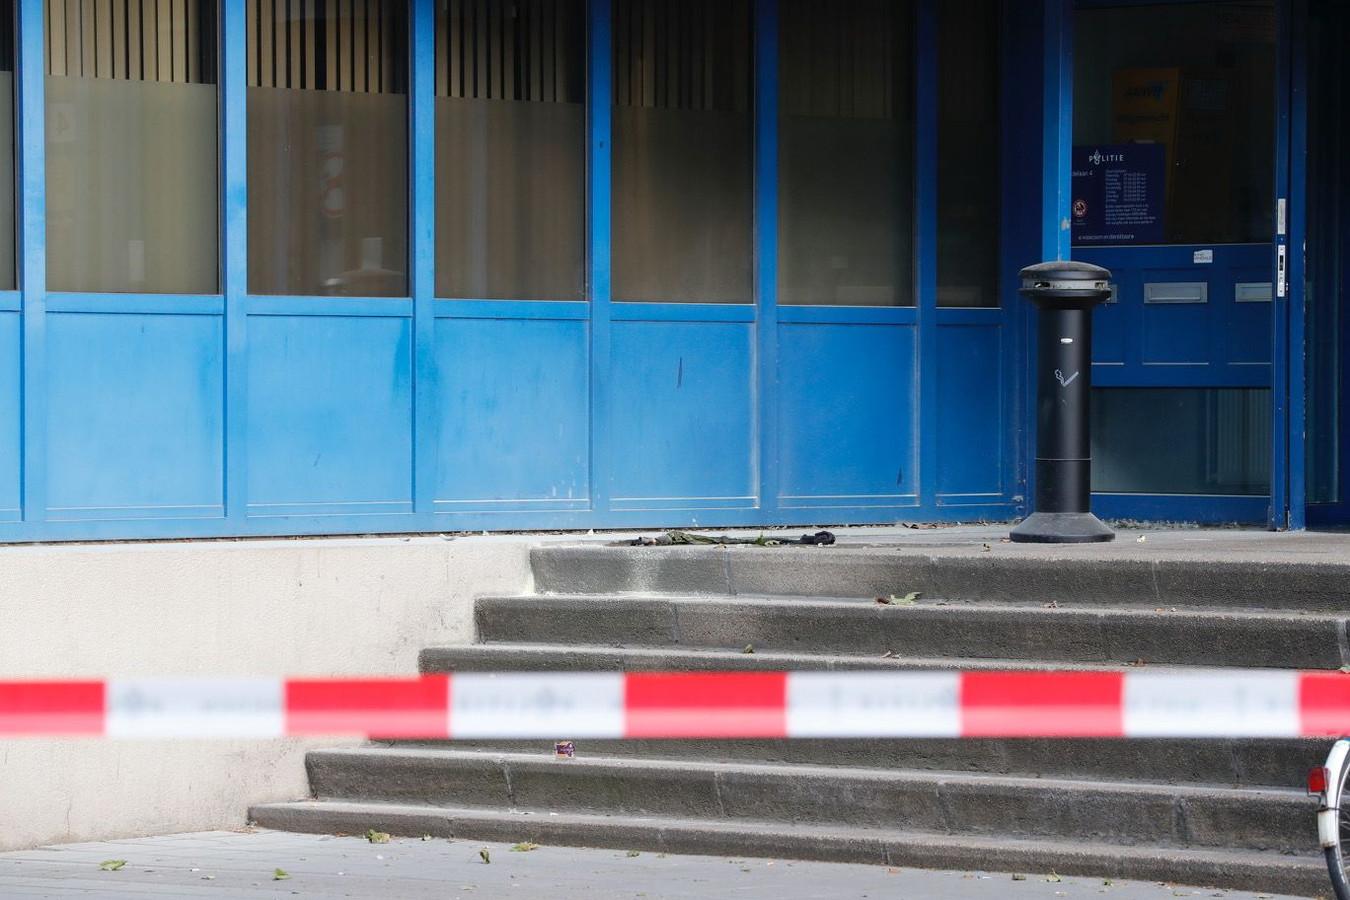 Vanmorgen rond zes uur werd molotovcocktail tegen de hoofdingang van het politiebureau gegooid. De hoofdingang was daarna uren afgezet voor onderzoek.